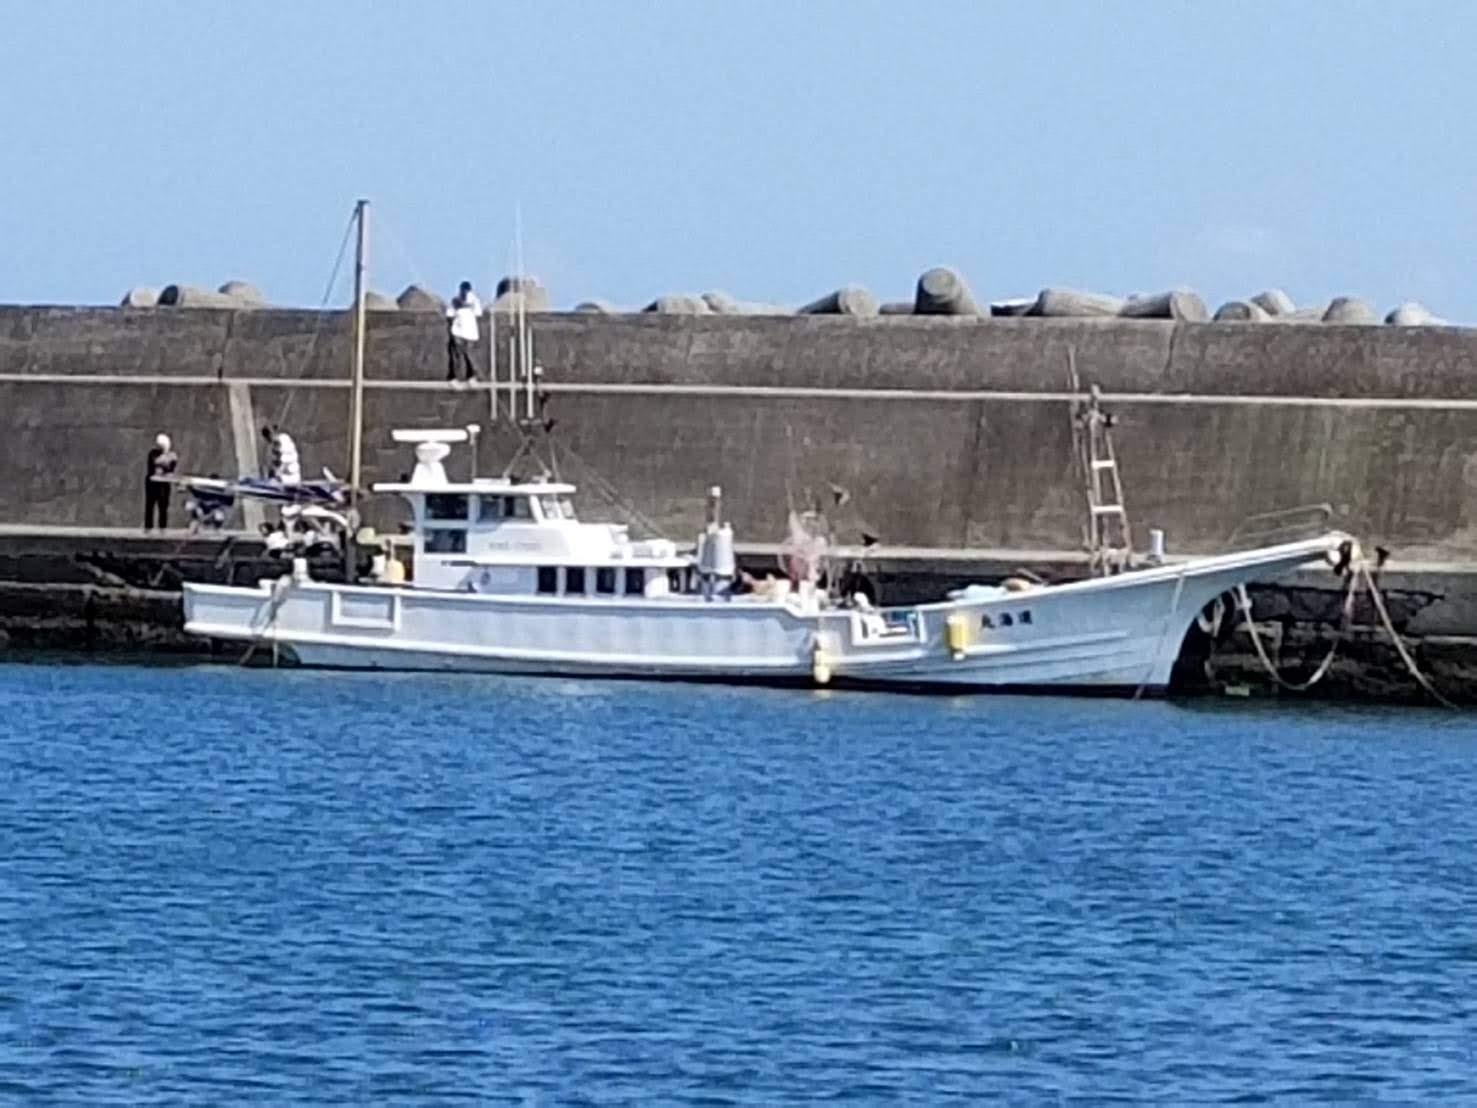 神奈川県湯河原町福浦港にて運海丸です。 これでシラスを取りに行ってます